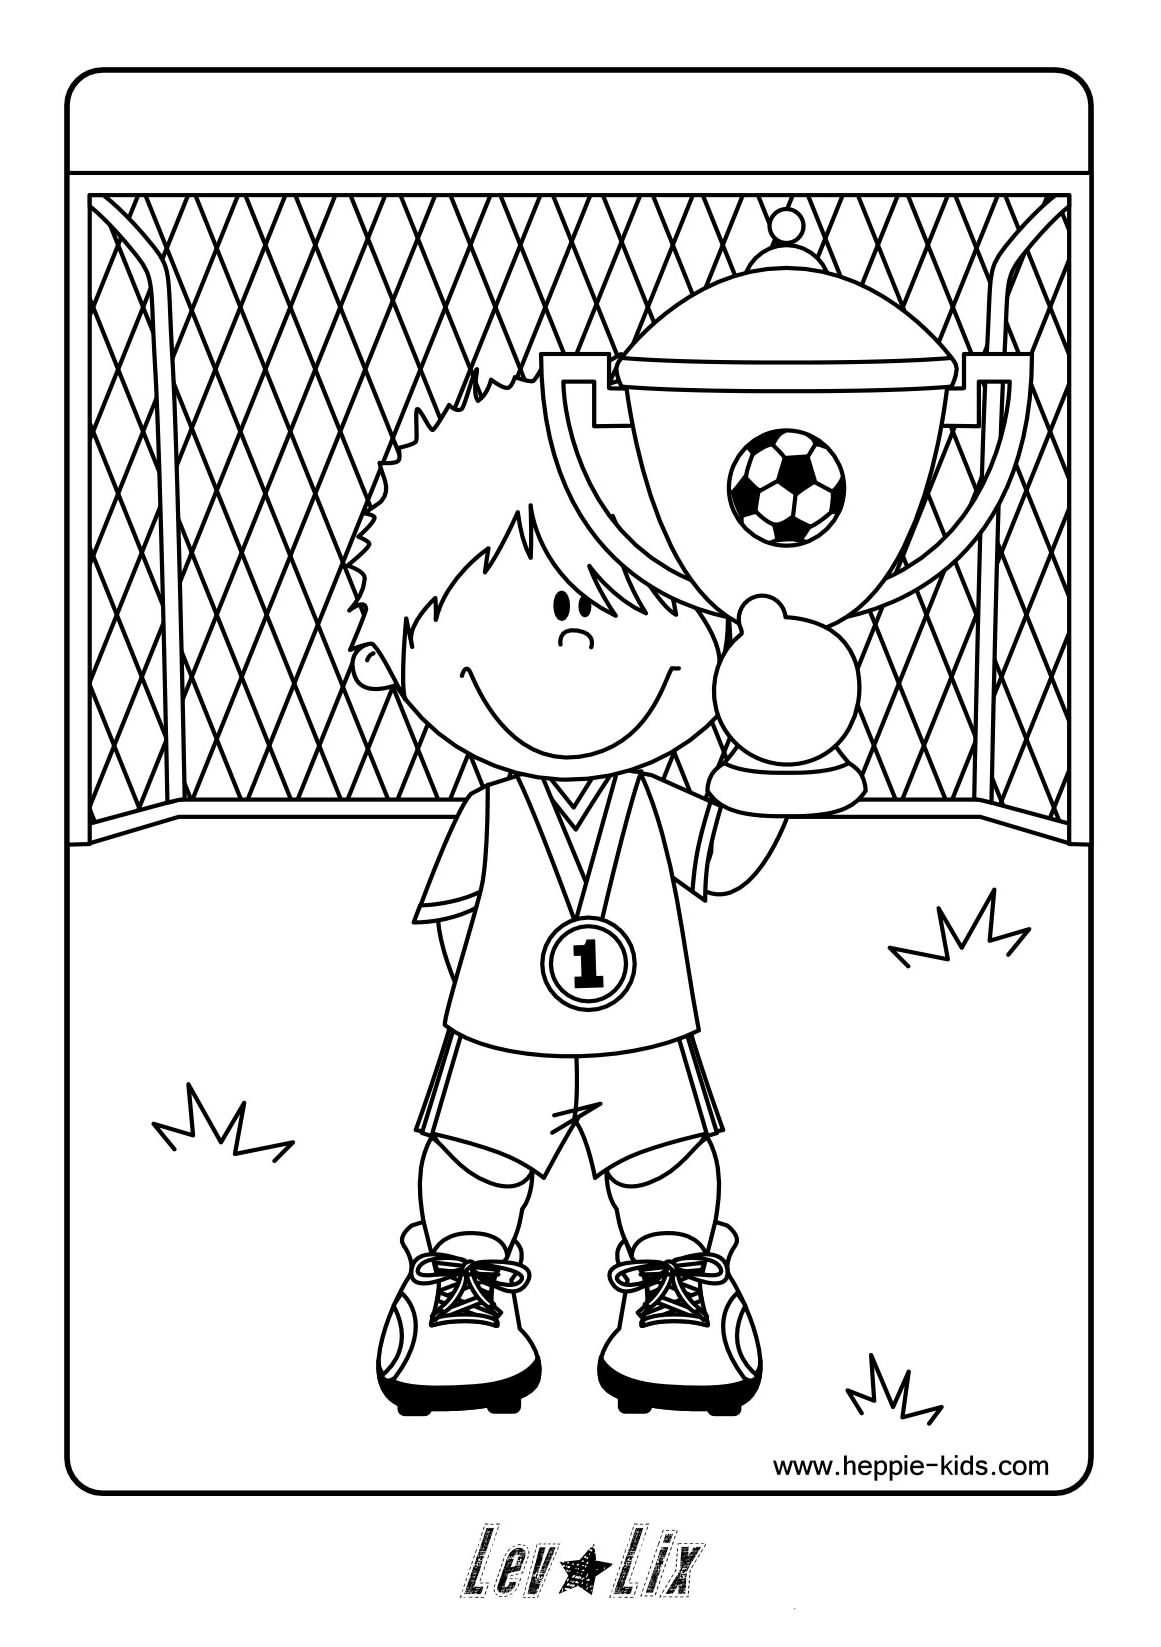 Kleurplaat Voetbal Met Afbeeldingen Kleurplaten Voetbal